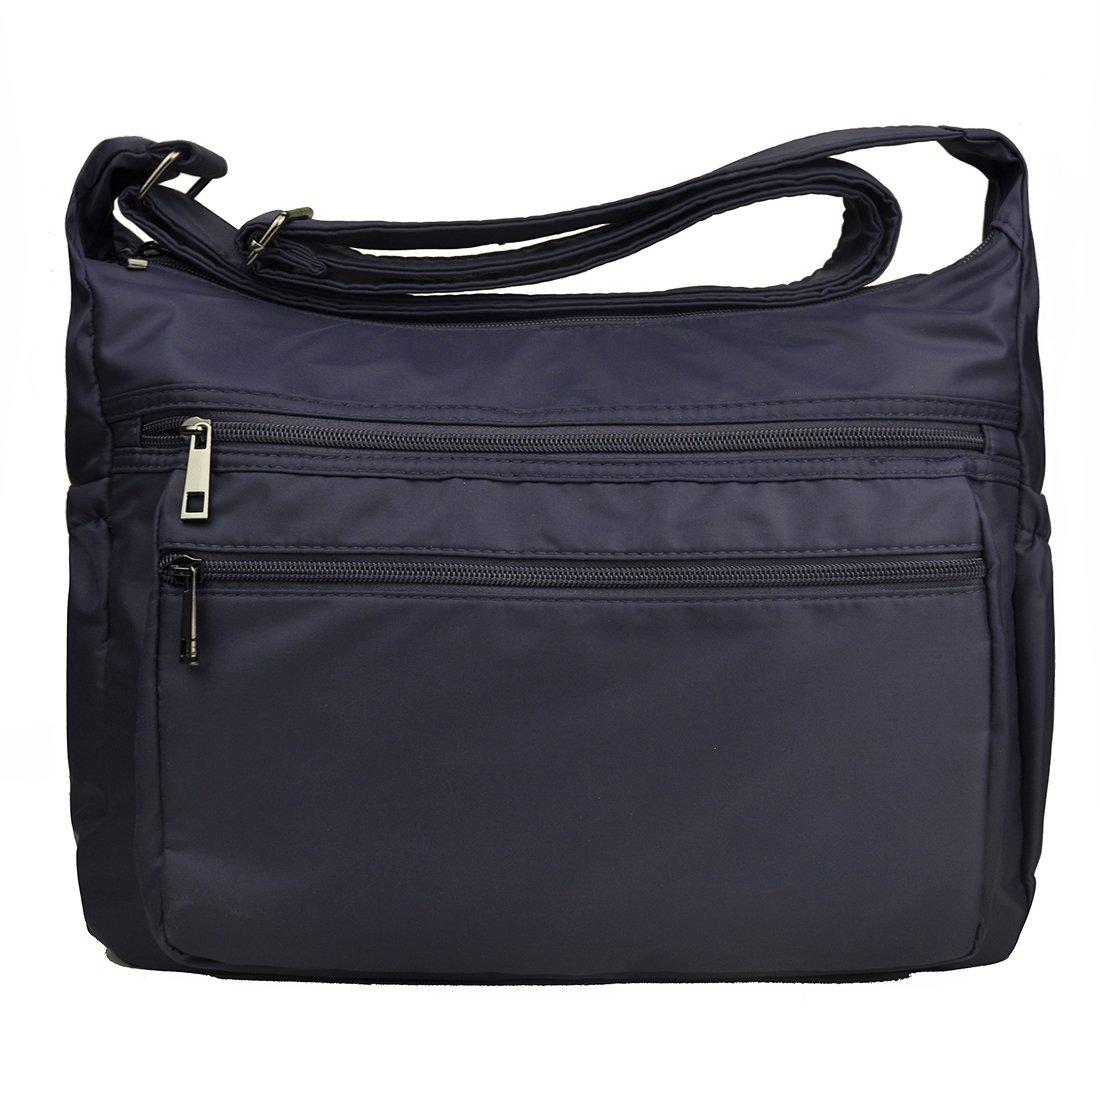 Women Multi Pocket Crossbody Bag Large Shoulder Bag Lightweight Purse and Handbags Travel Pocketbooks